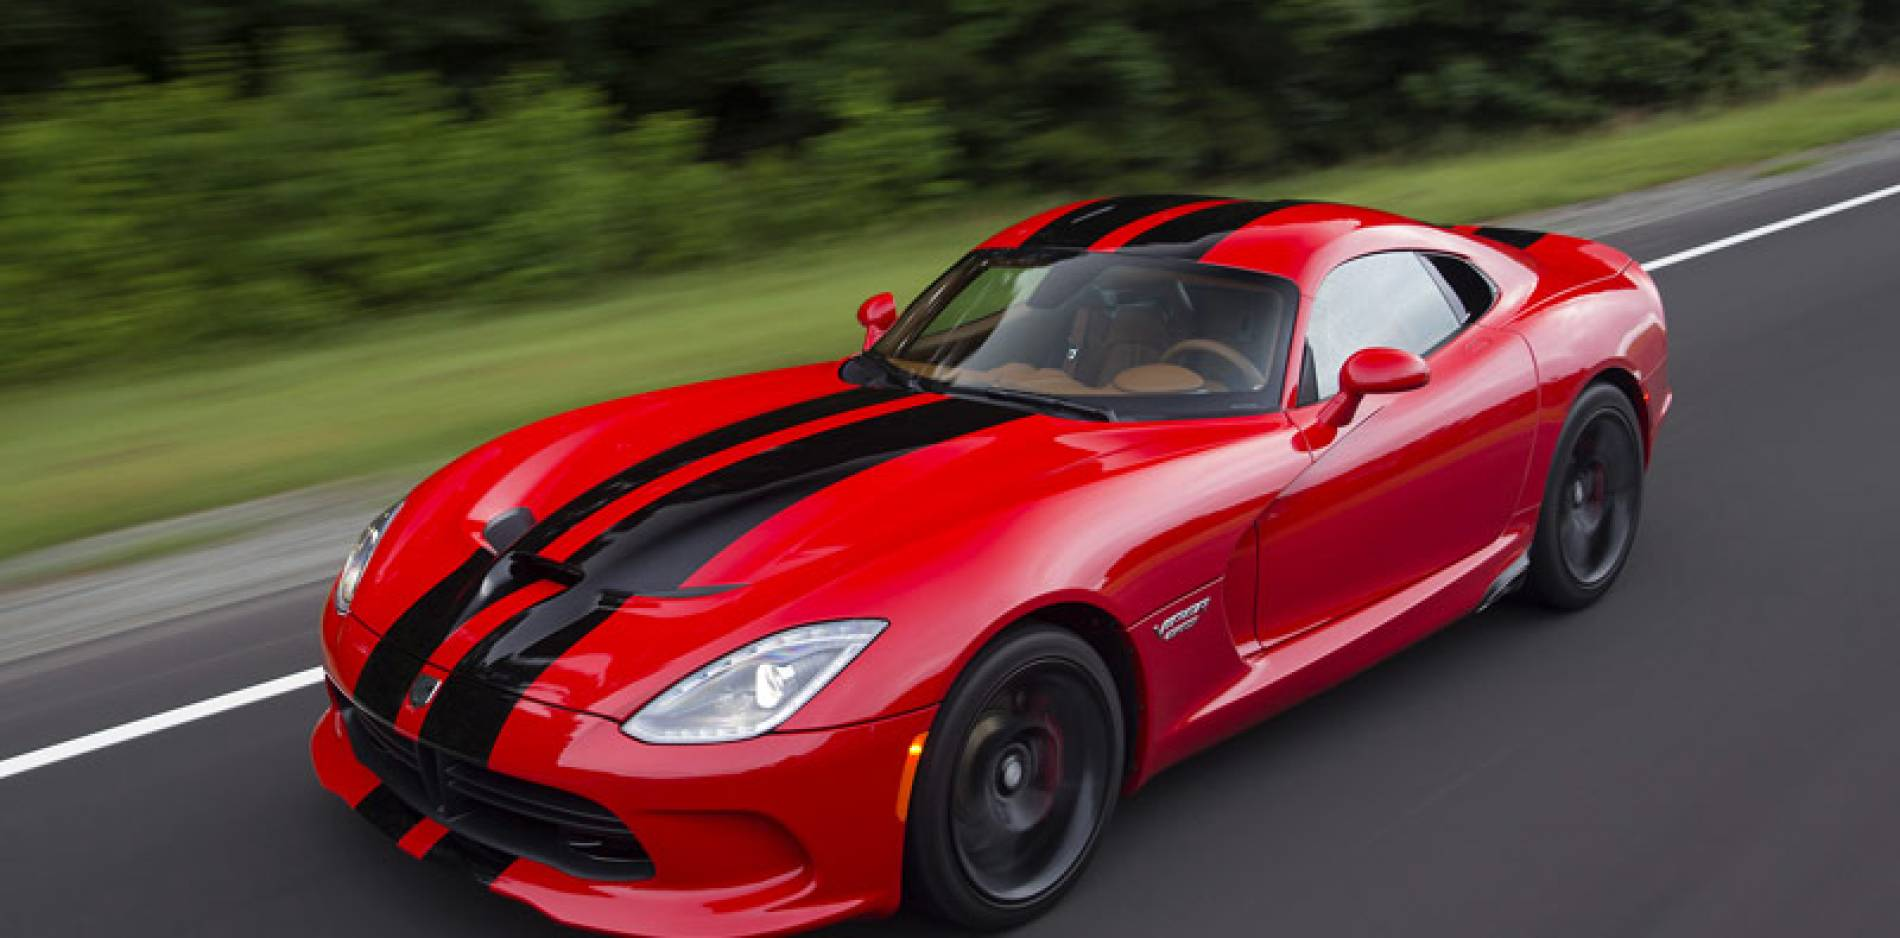 Dodge Viper 2021, ya está en marcha la sexta generación